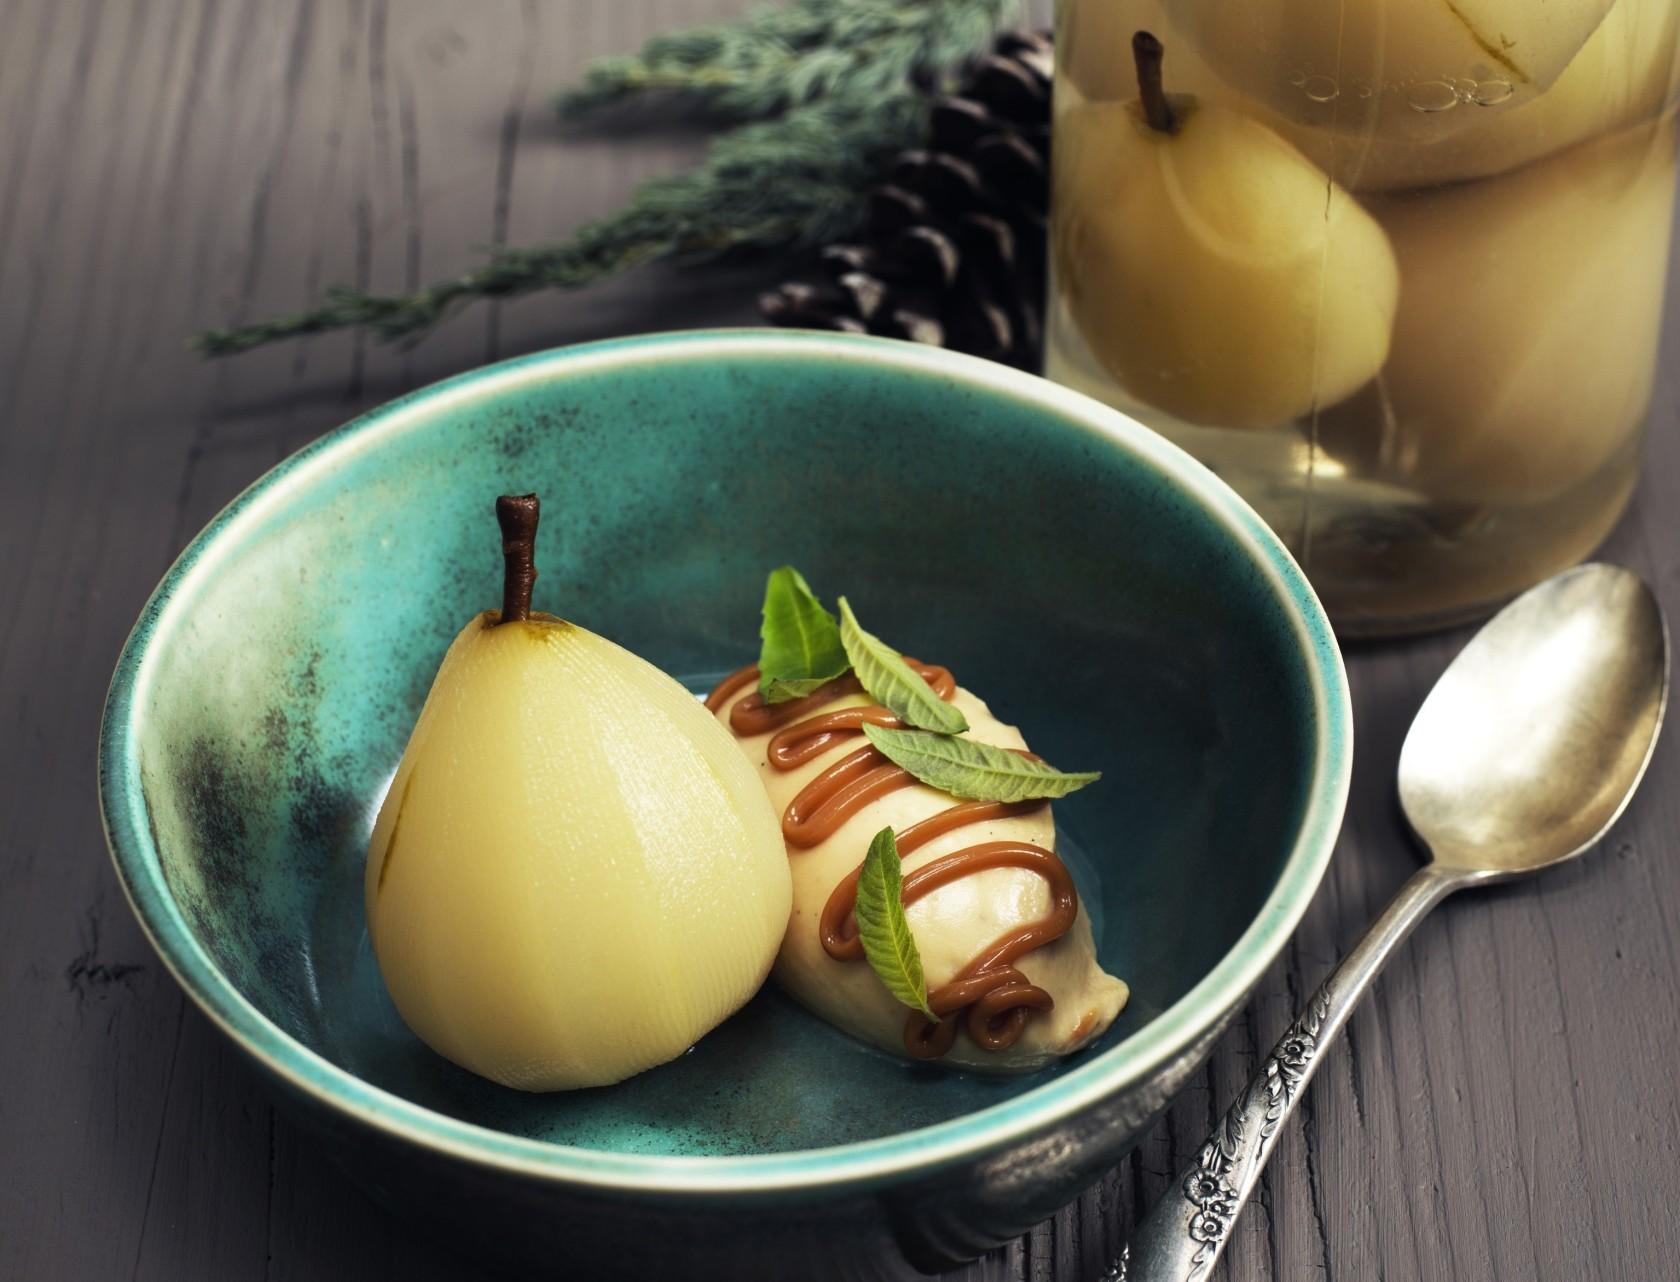 Syltede pærer med karamelflødeskum - lækker opskrift på en god efterårs-dessert.